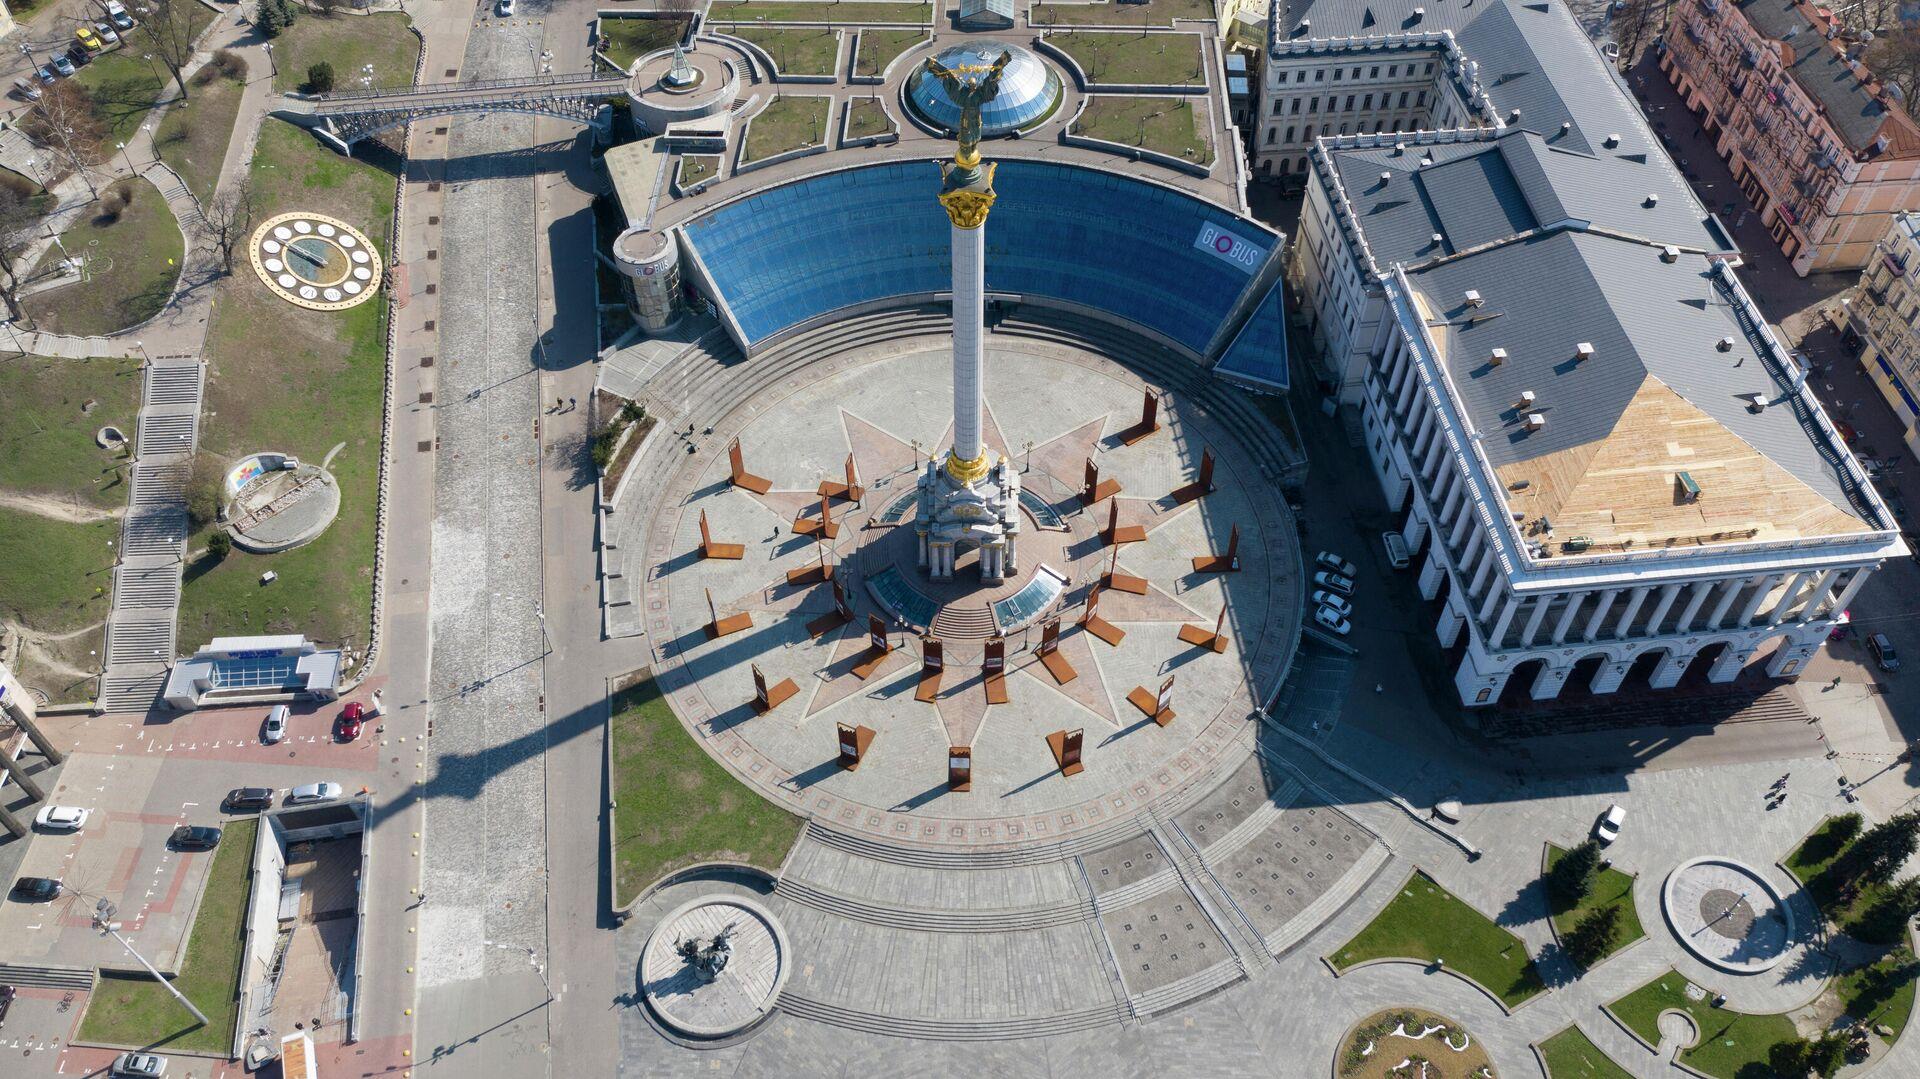 СМИ сообщили о колл-центре для обмана российских клиентов Сбербанка в Киеве